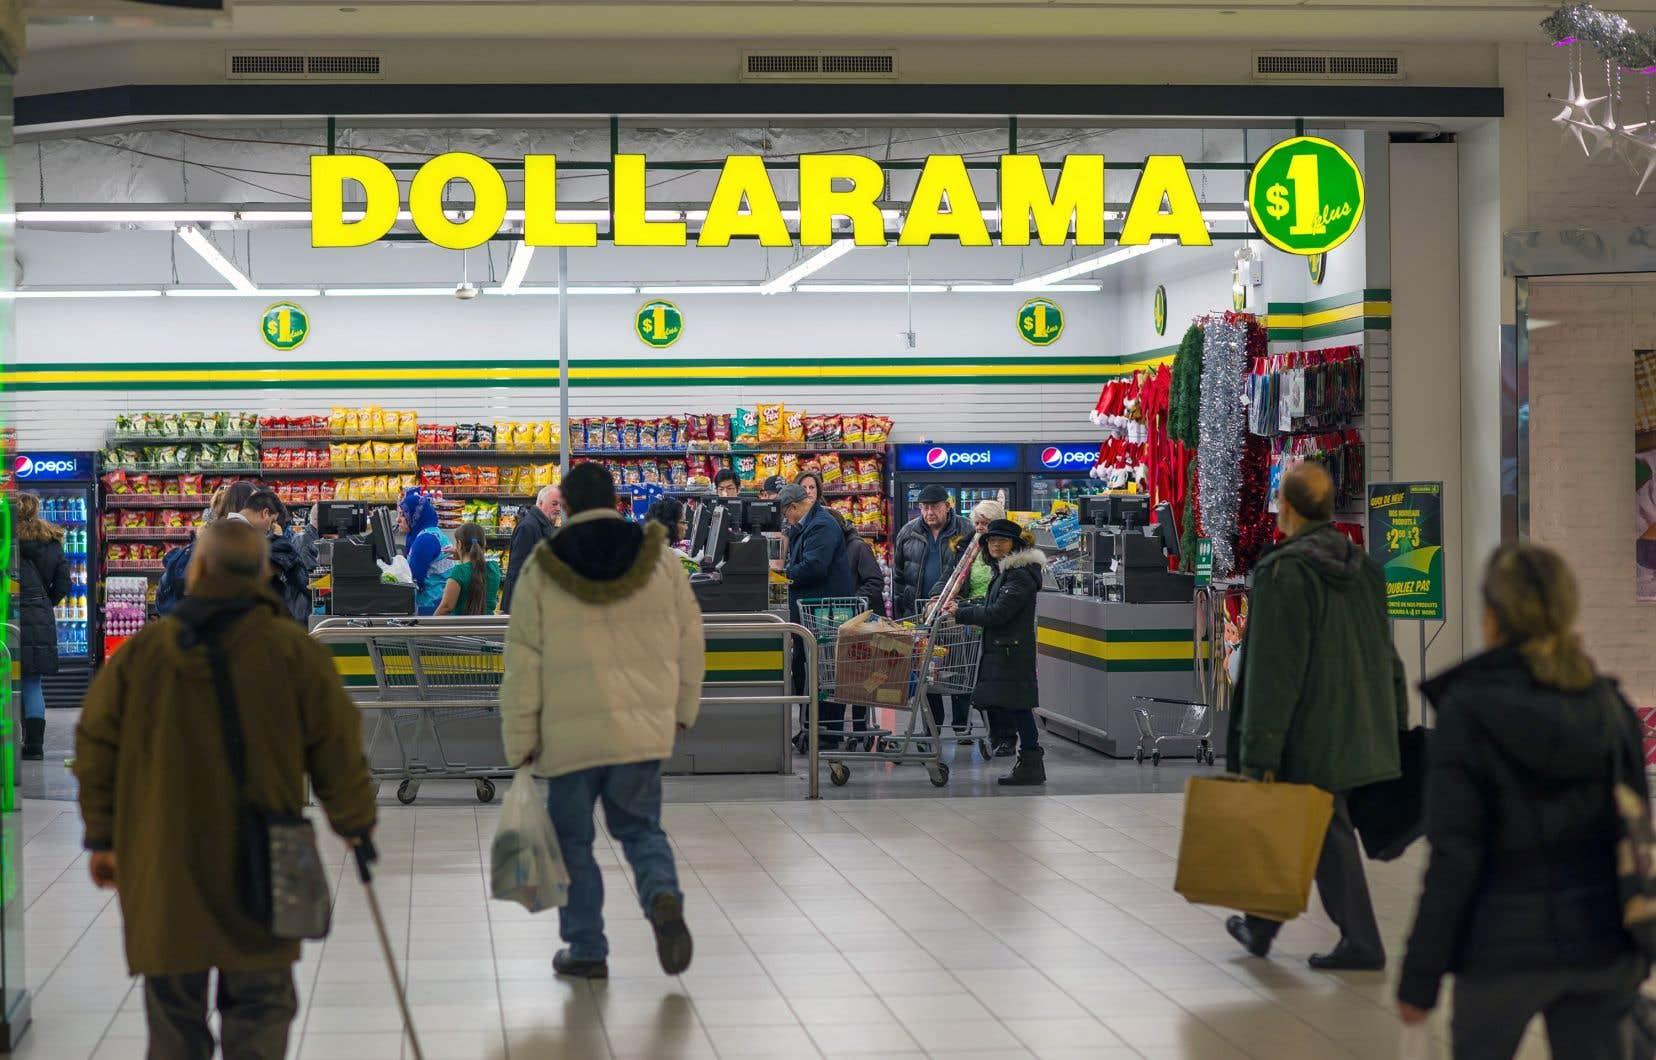 À l'instar des autres détaillants, l'entreprise québécoise devra notamment s'ajuster à la hausse du salaire minimum en Ontario, où se trouvent 41% de ses magasins.